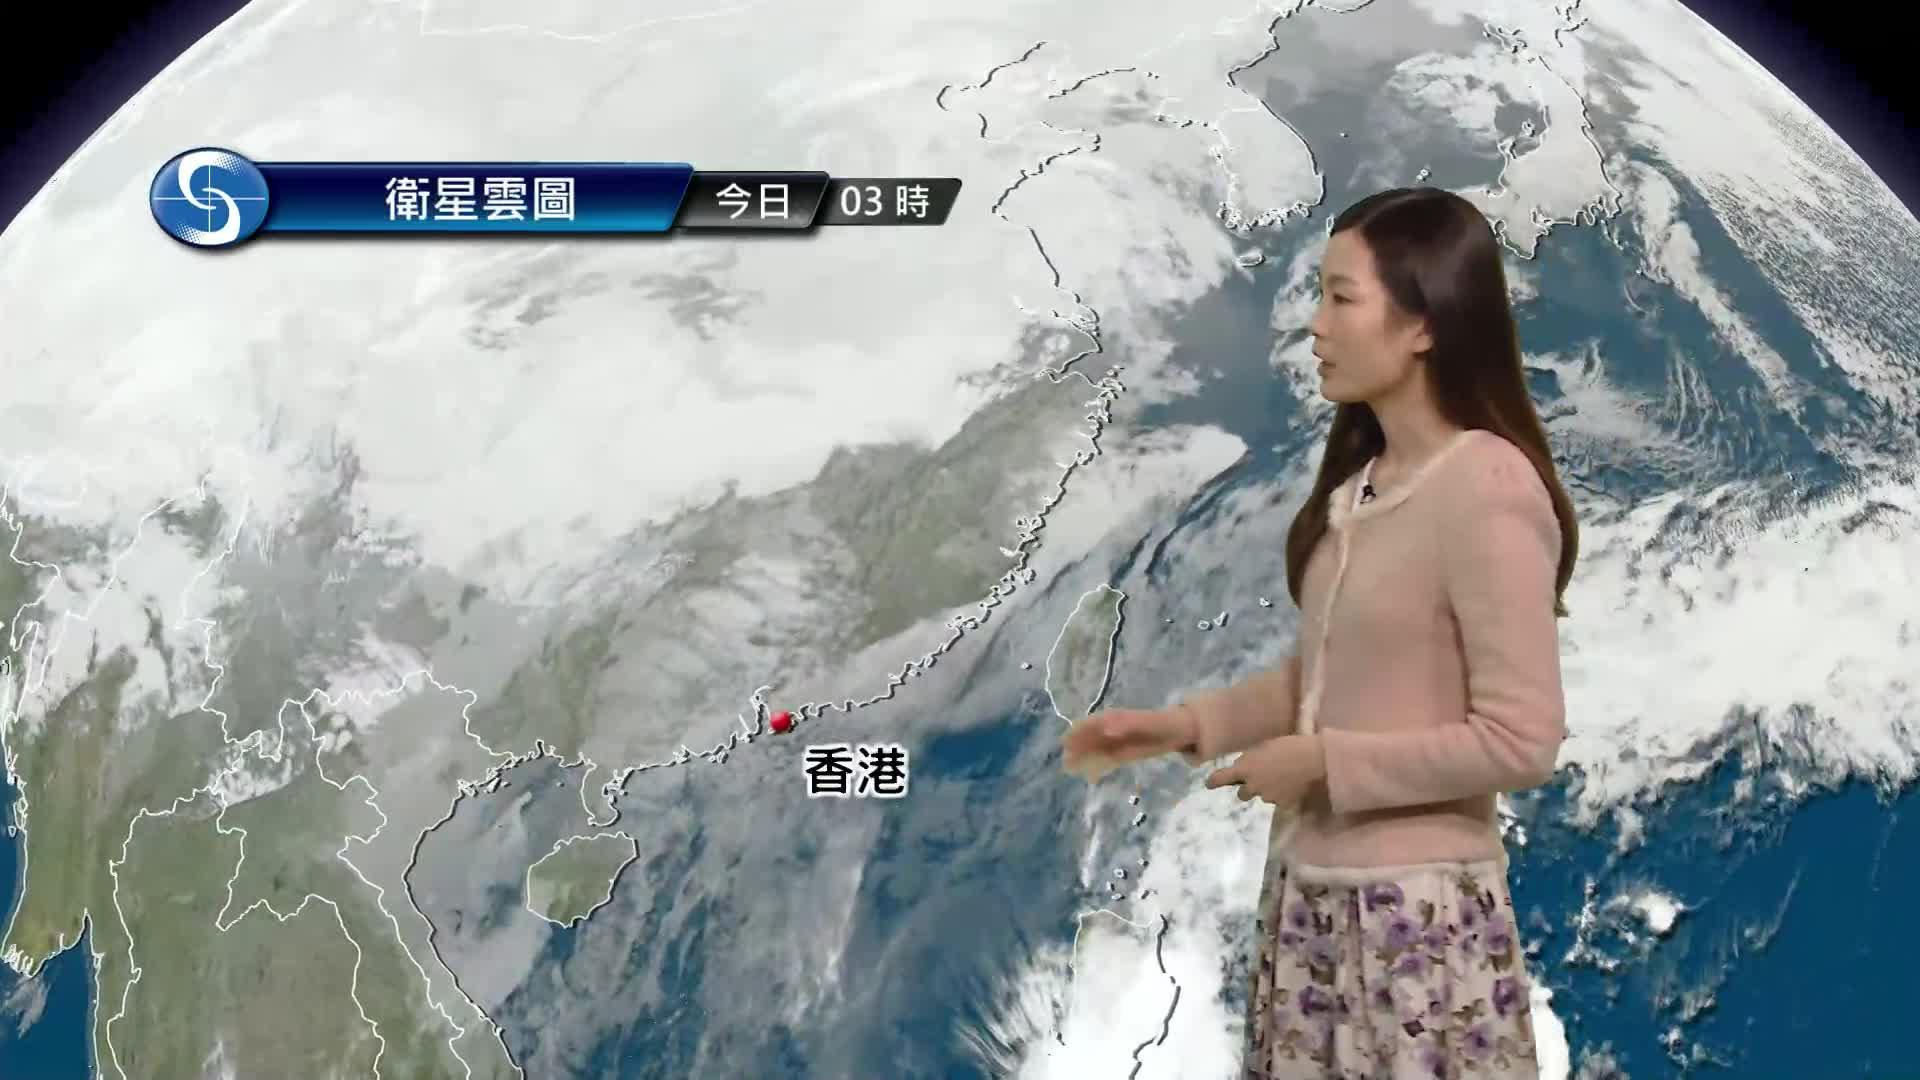 早晨天氣節目(01月21日上午8時) - 科學主任李鳳瑩